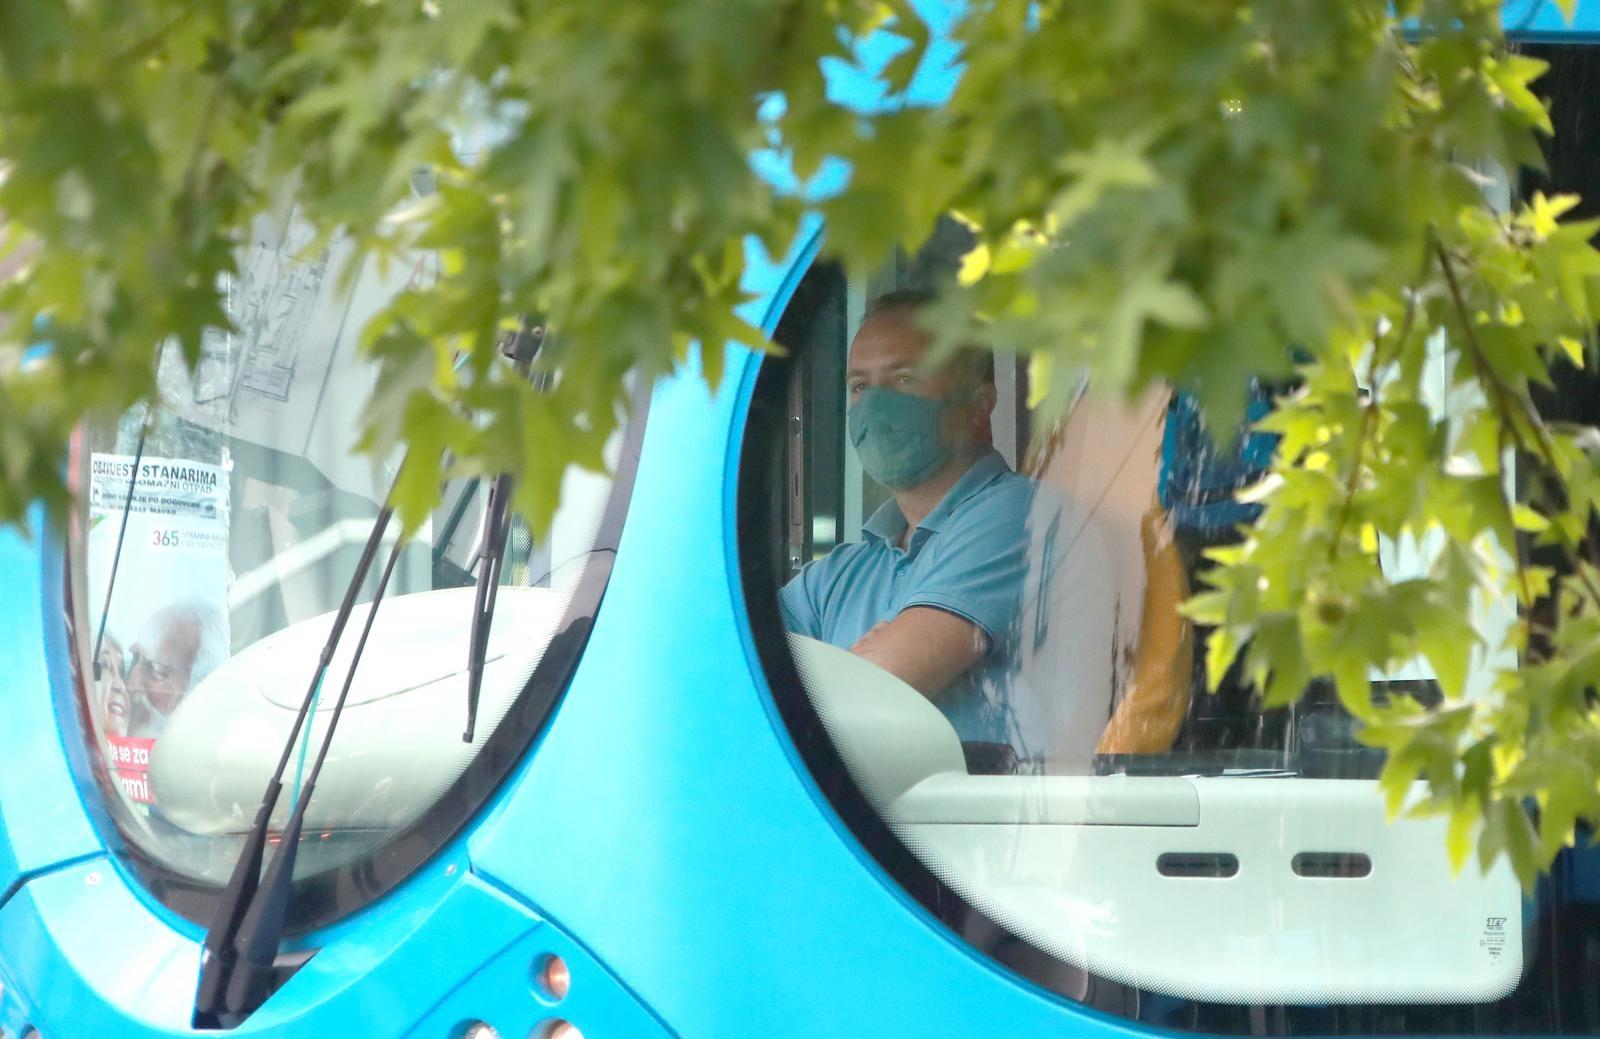 Maske će morati nositi sve osobe u javnom prijevozu, uključujući vozača.